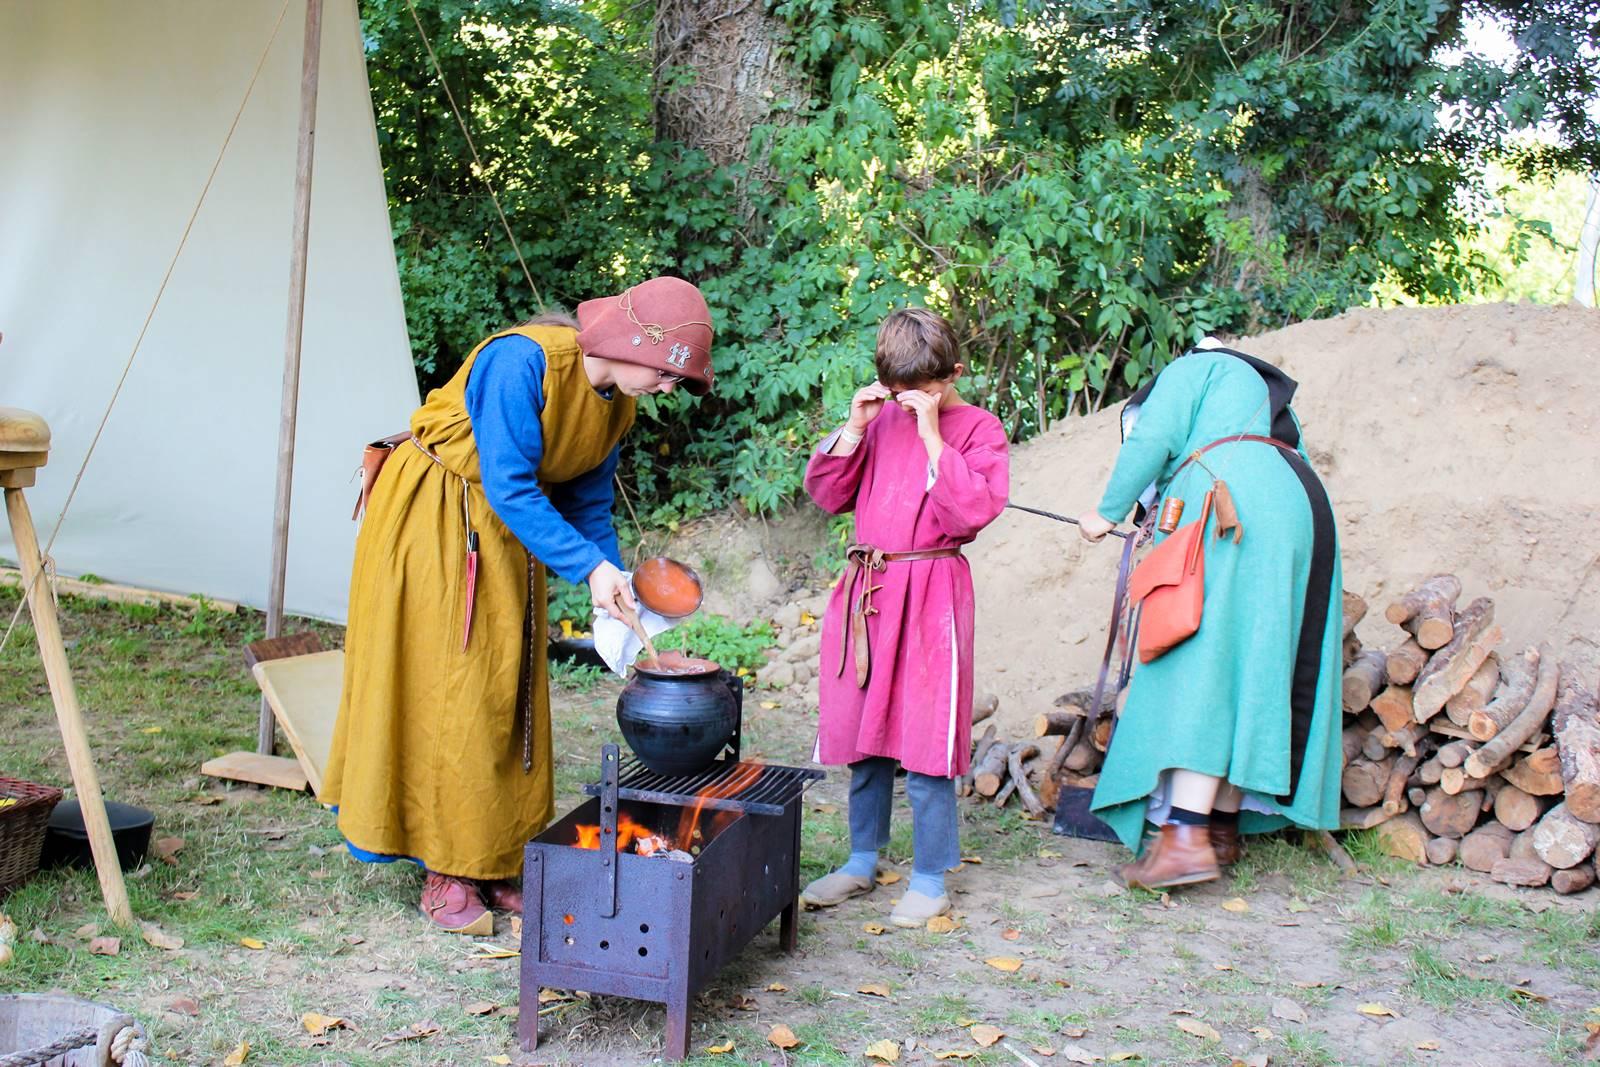 Les medievales de commequiers 2017 commequier 12